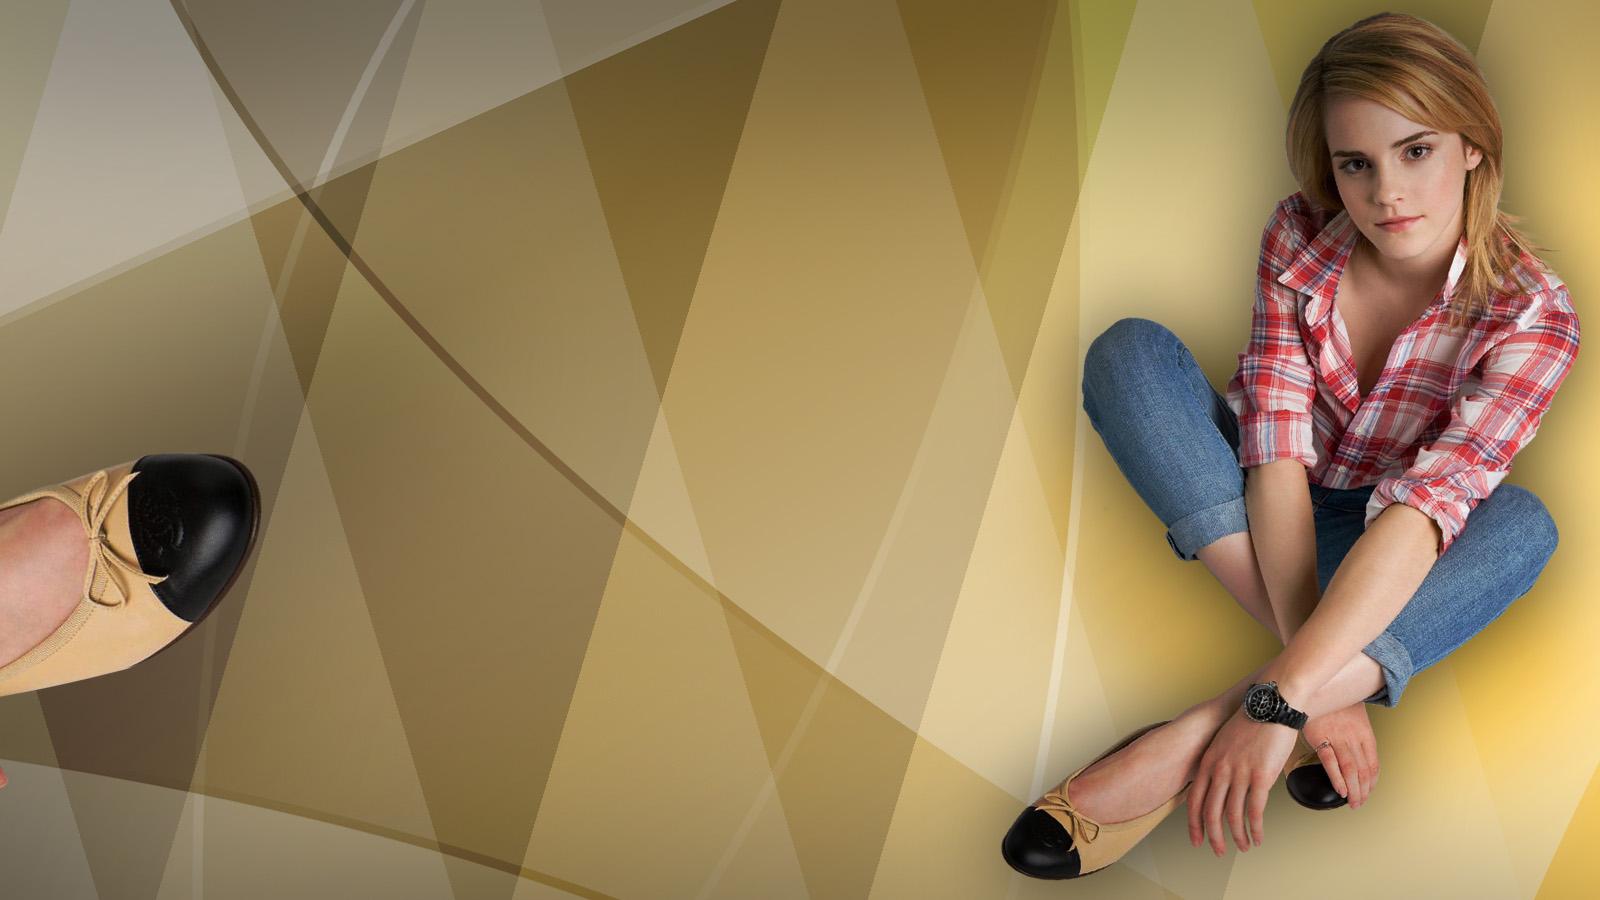 HD Wallpaper of Emma Watson 1080p